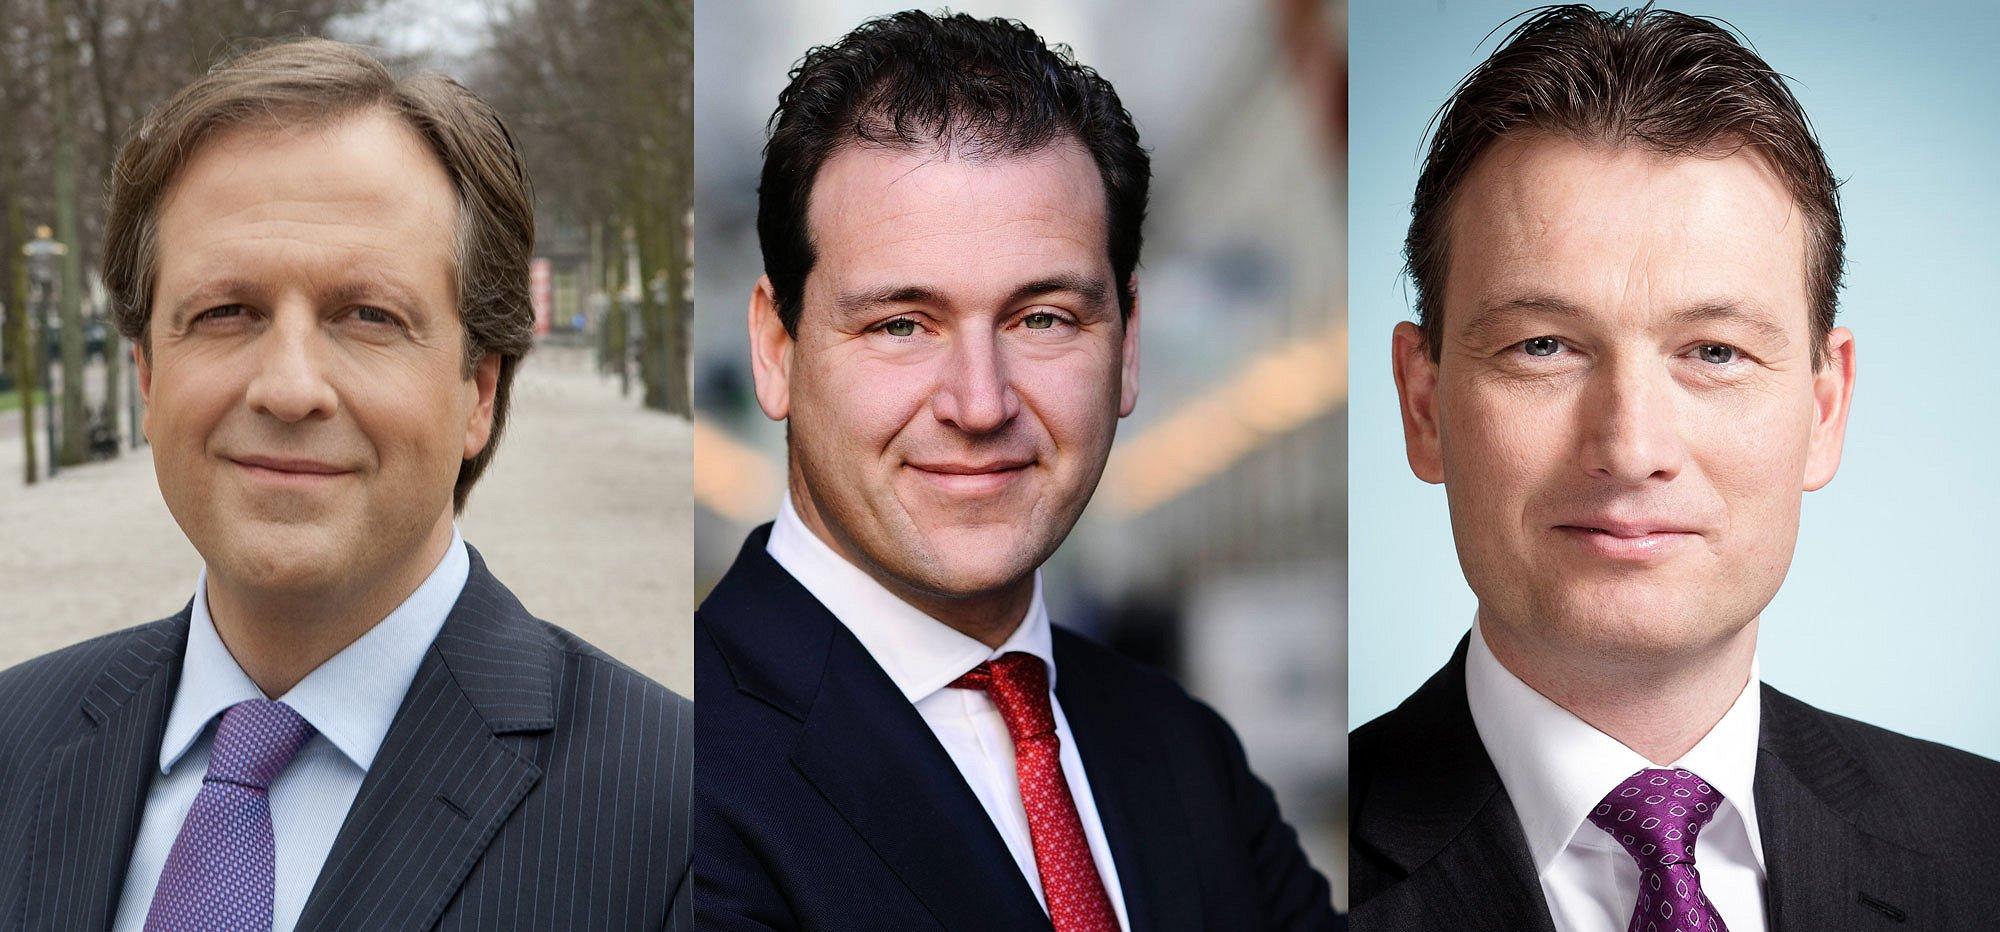 Asscher, Pechtold en Zijlstra aanwezig bij COC-Verkiezingsdebat 2017